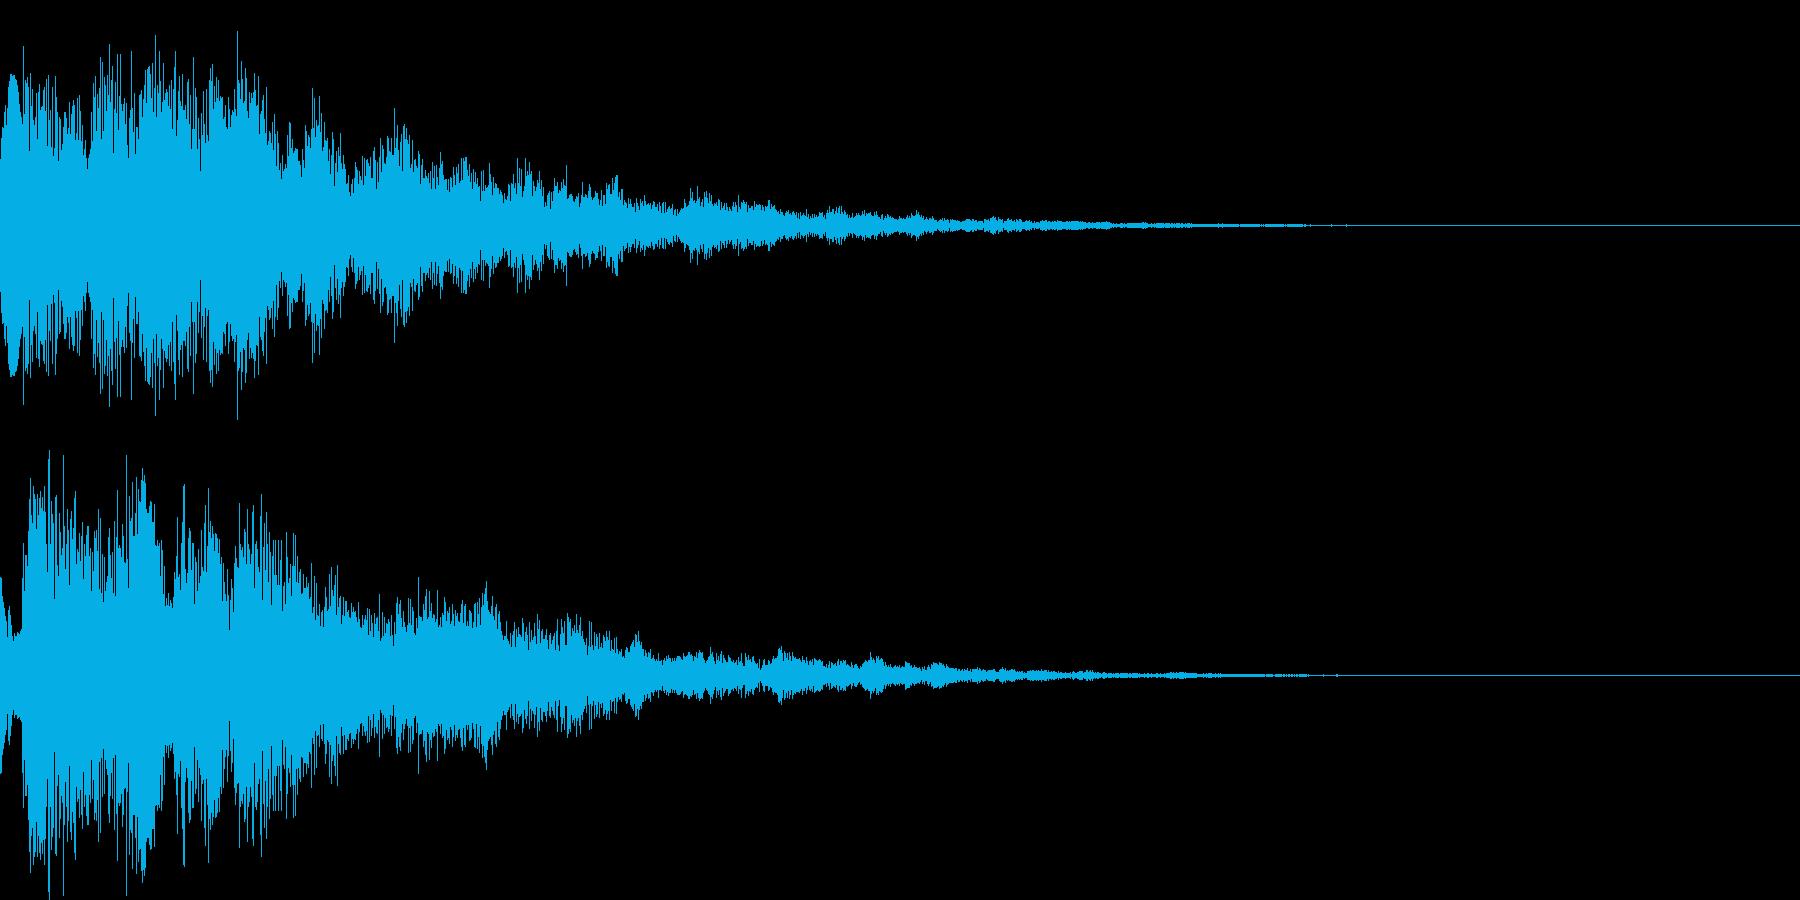 システム音36_Jの再生済みの波形